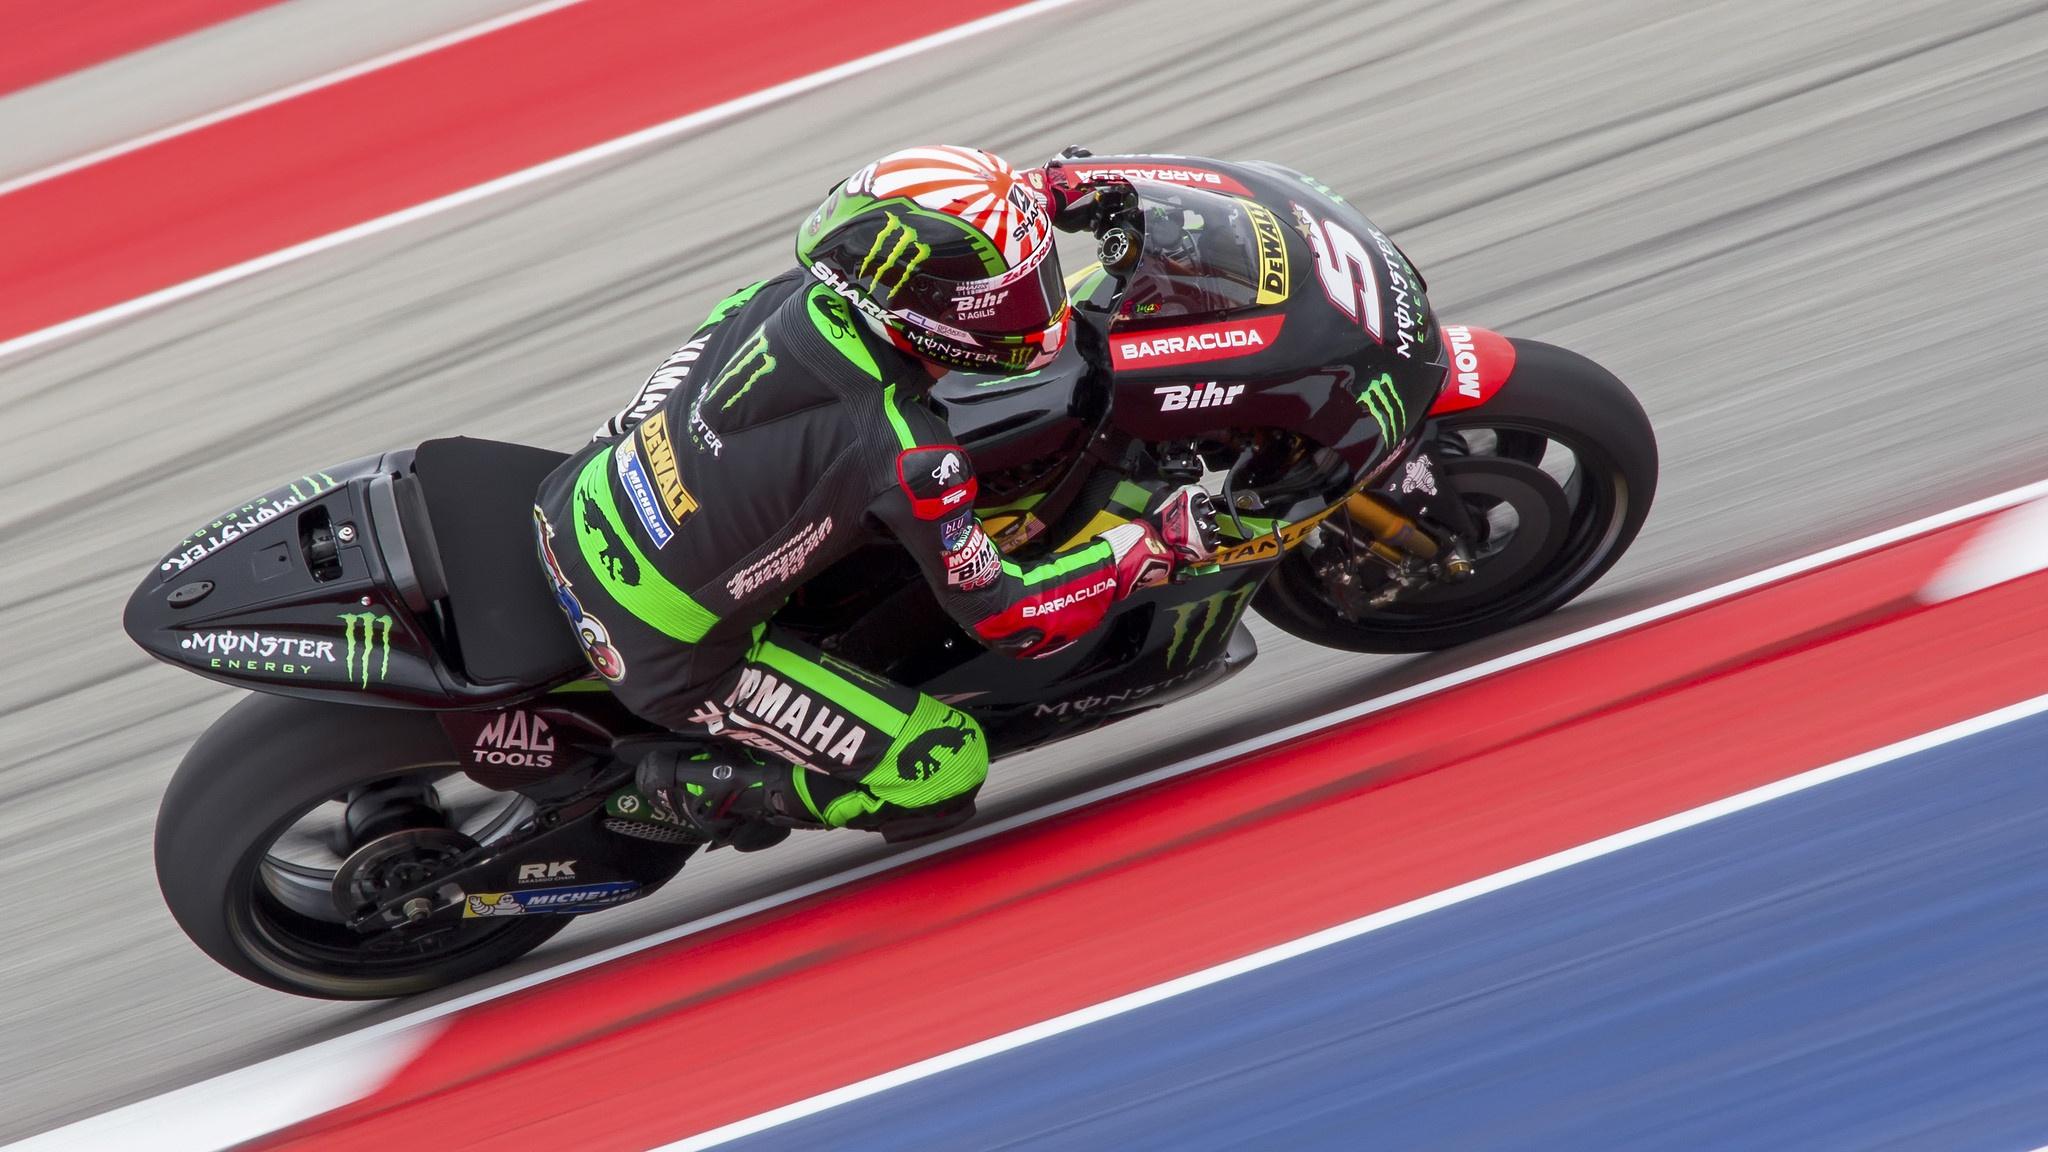 спорт мотоцикл гонка sports motorcycle race  № 3296481 бесплатно